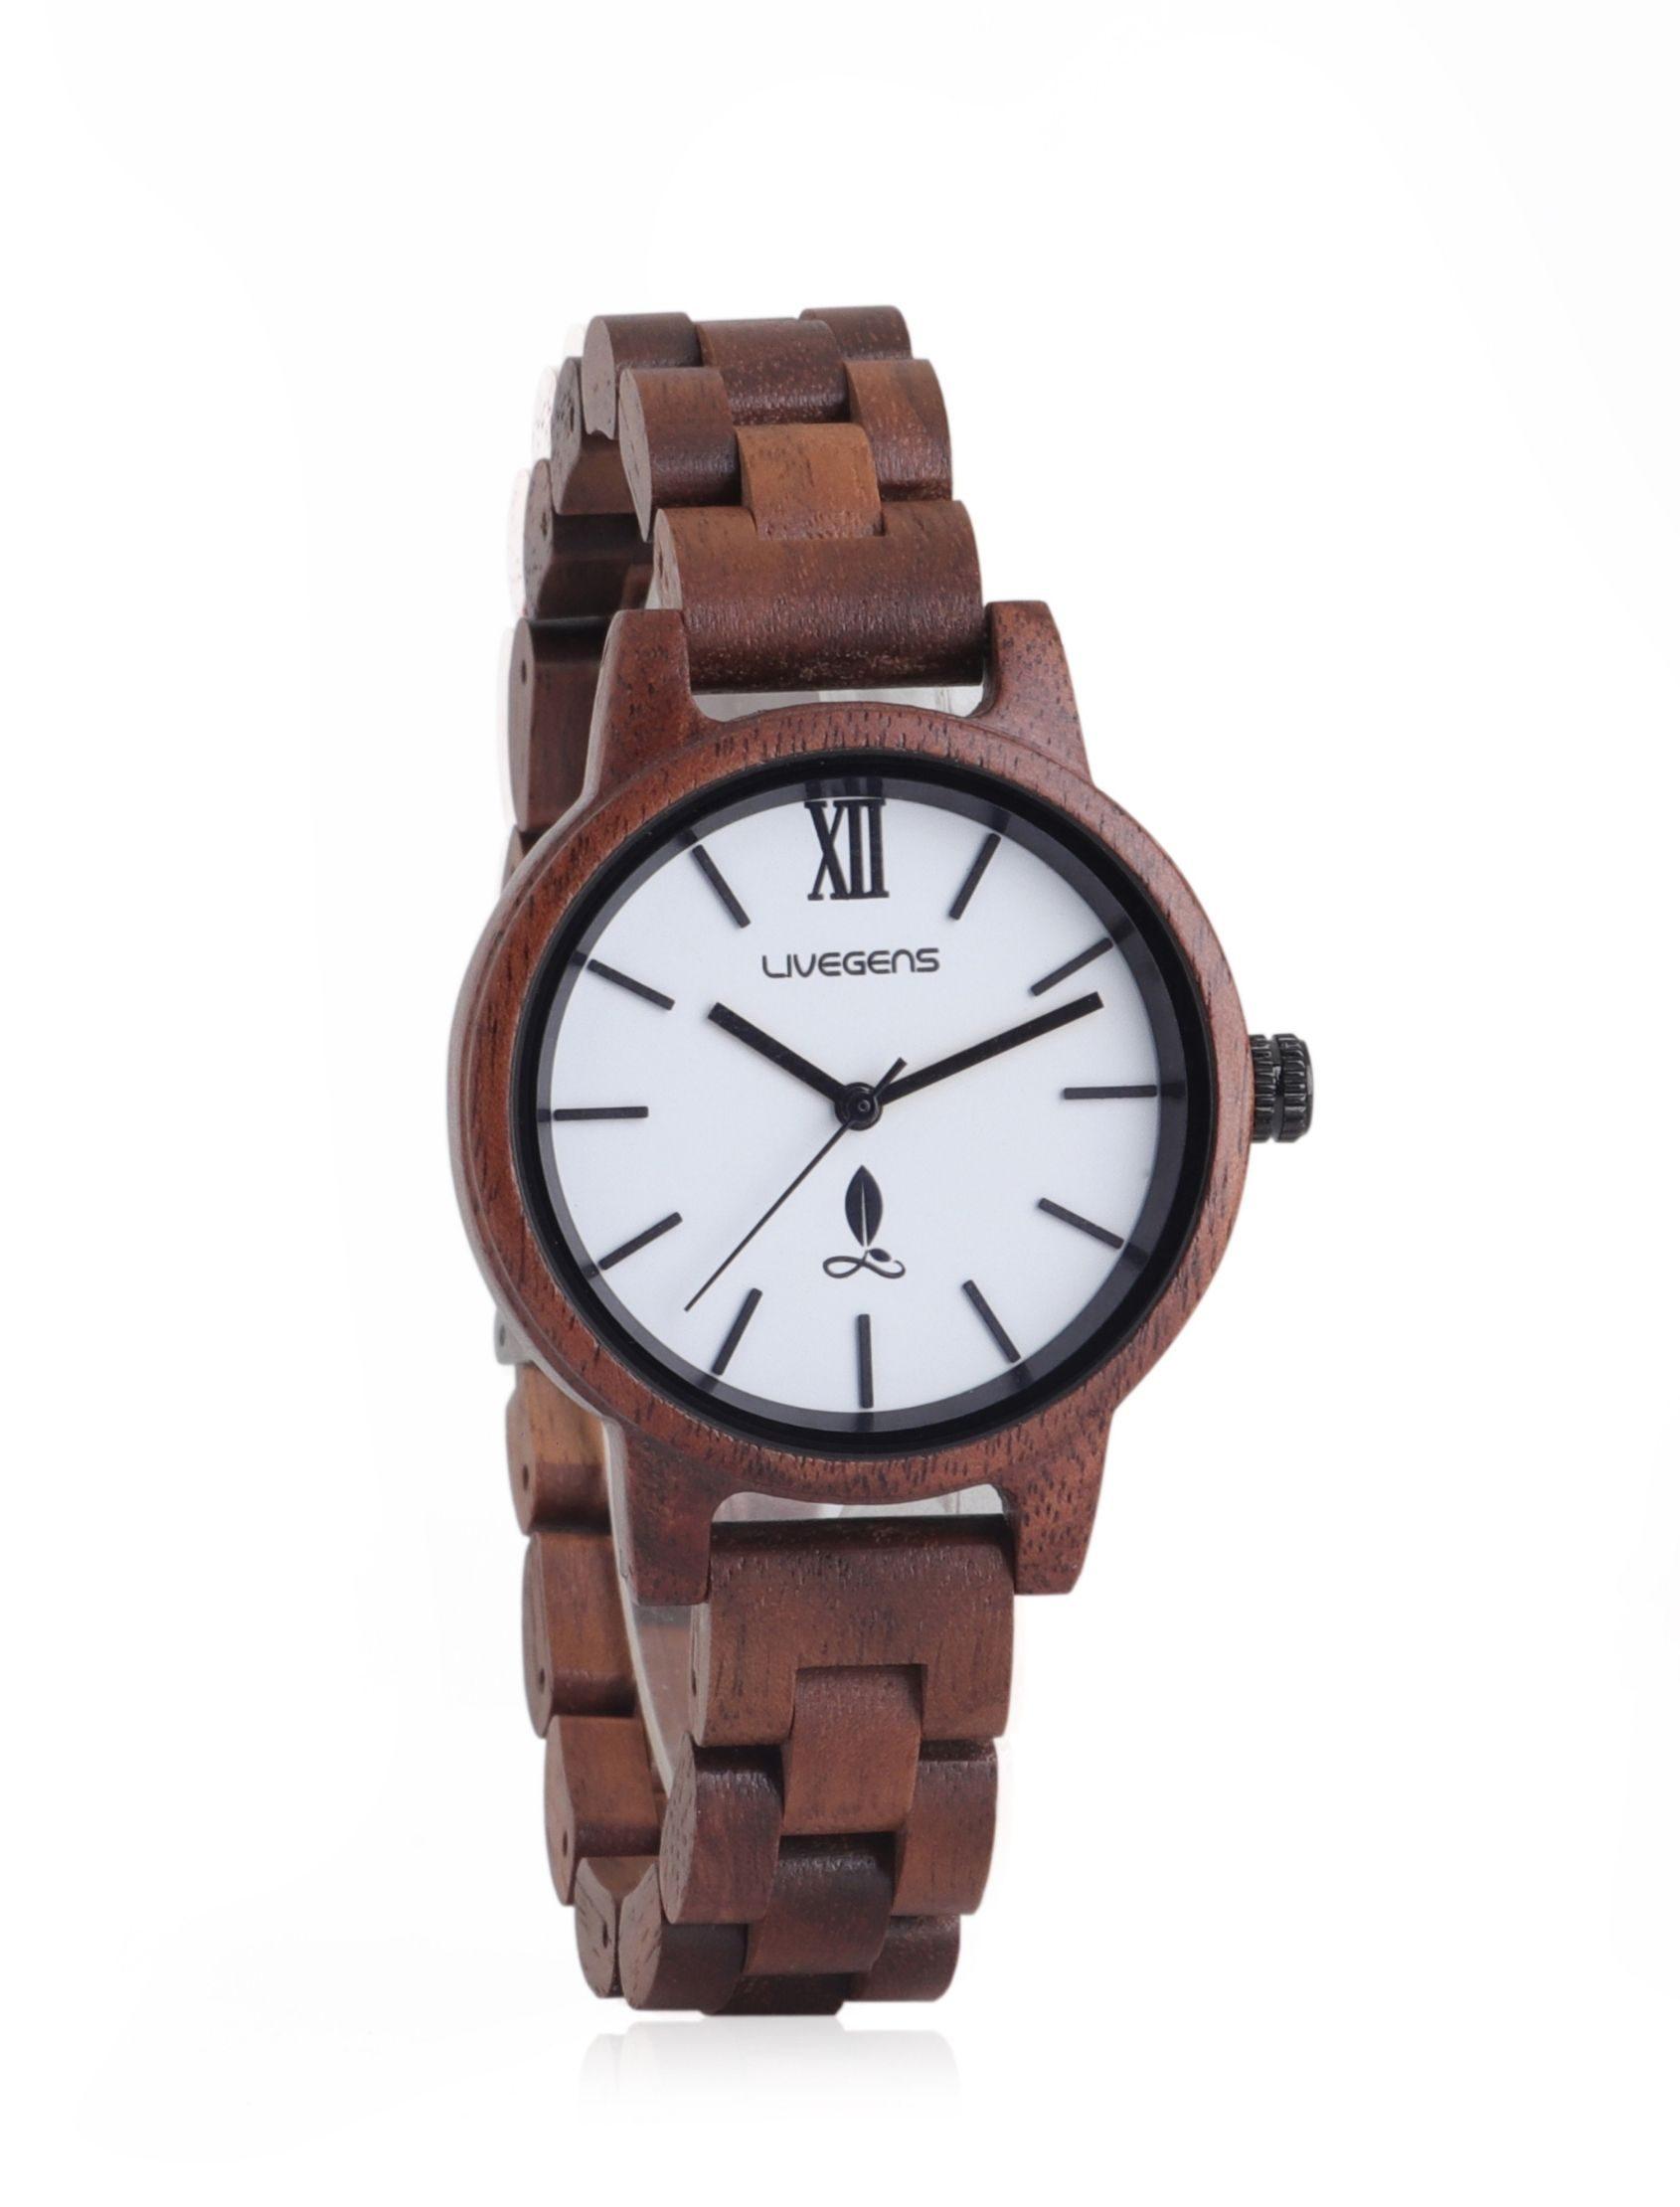 reloj livegens amazonas con madera de nogal